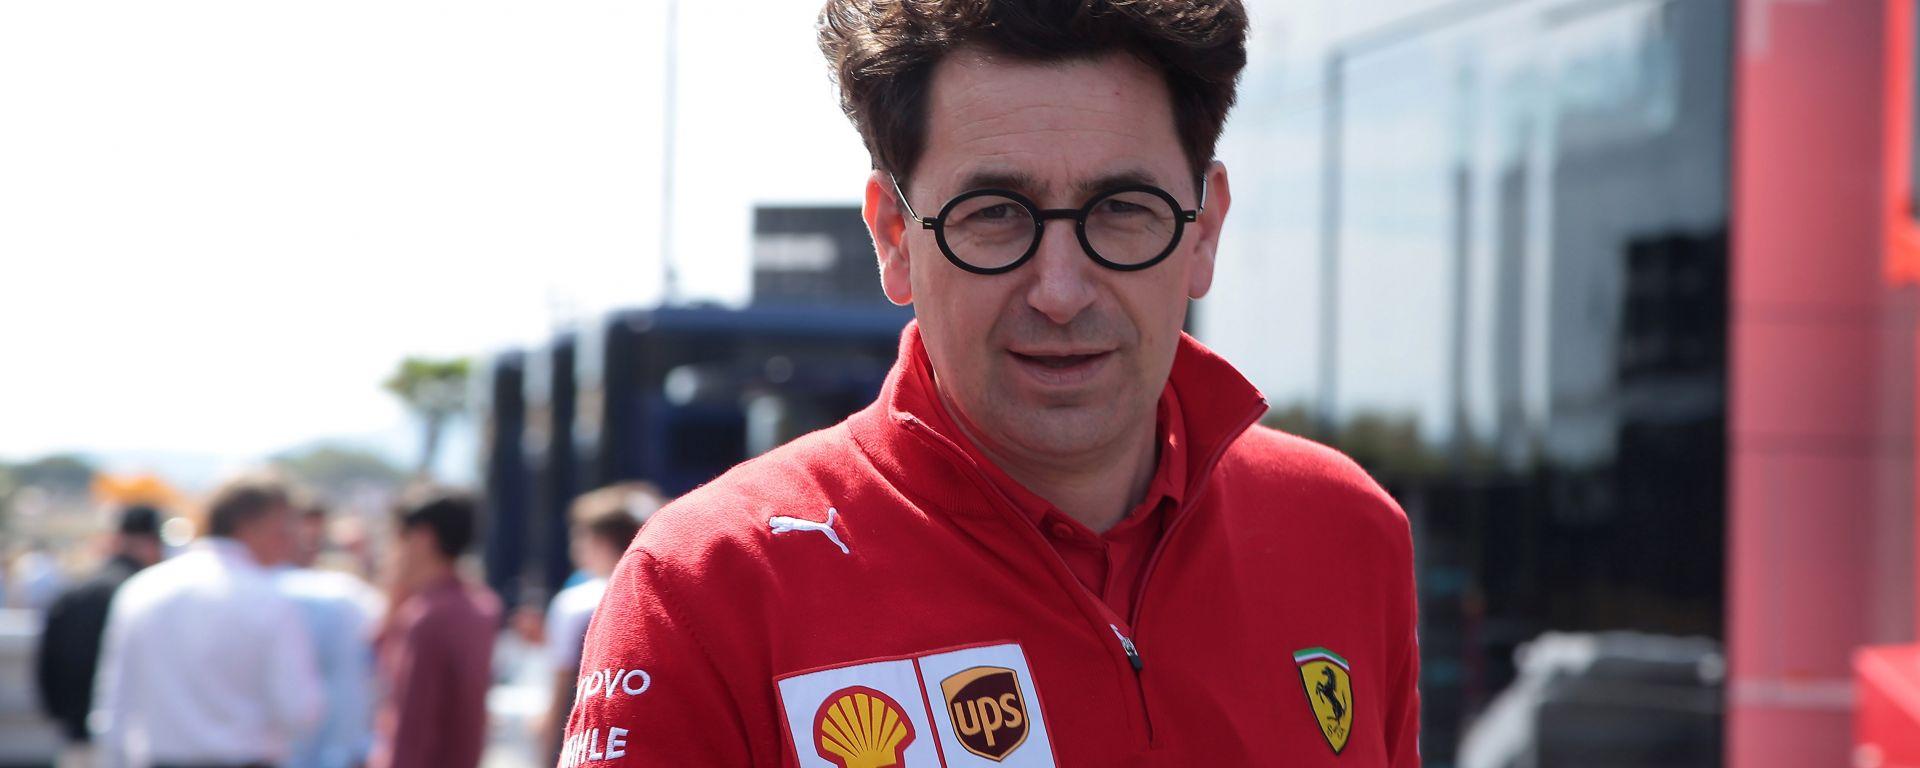 GP Austria, Ferrari testerà ancora le novità portate in Francia